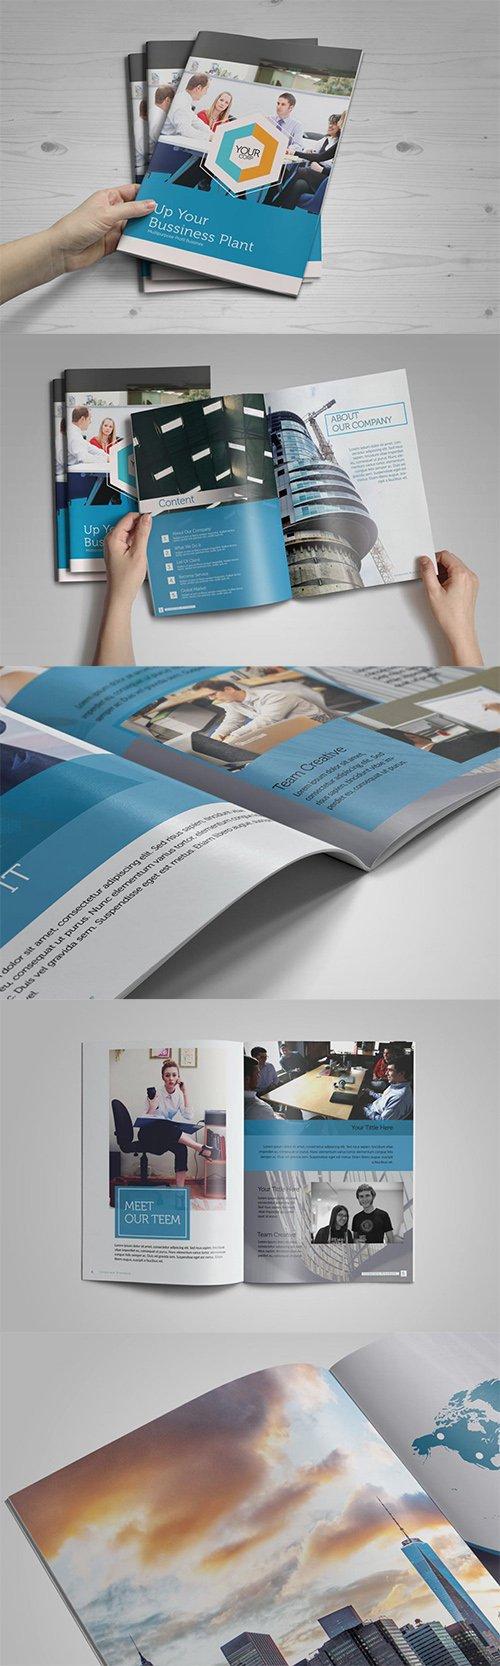 Corporate Brochure Template PSD